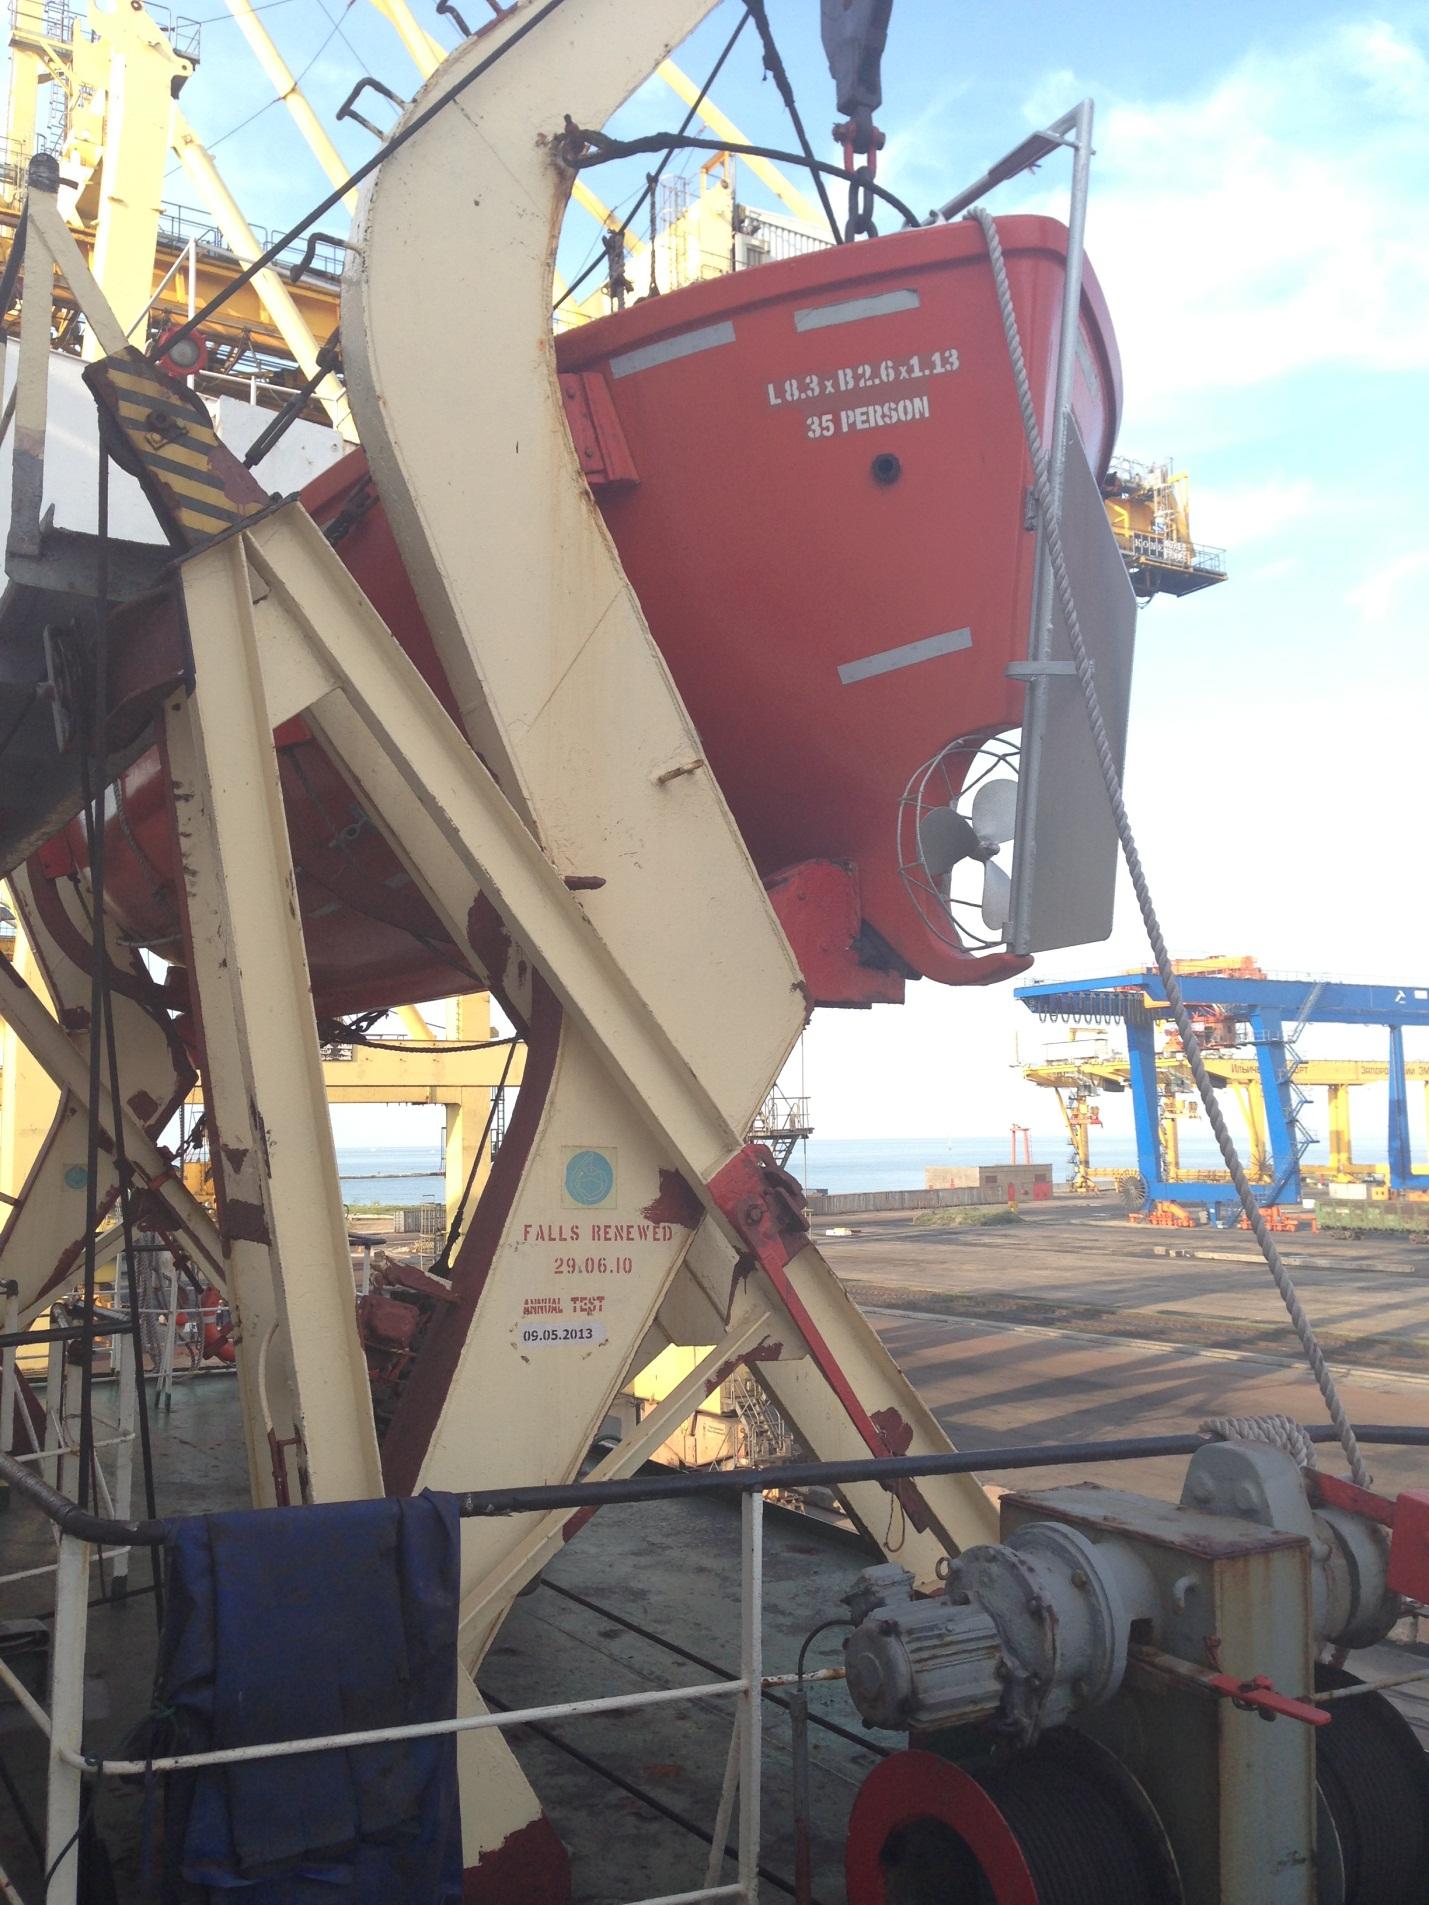 только устройство оборудование и снабжение фото судна то